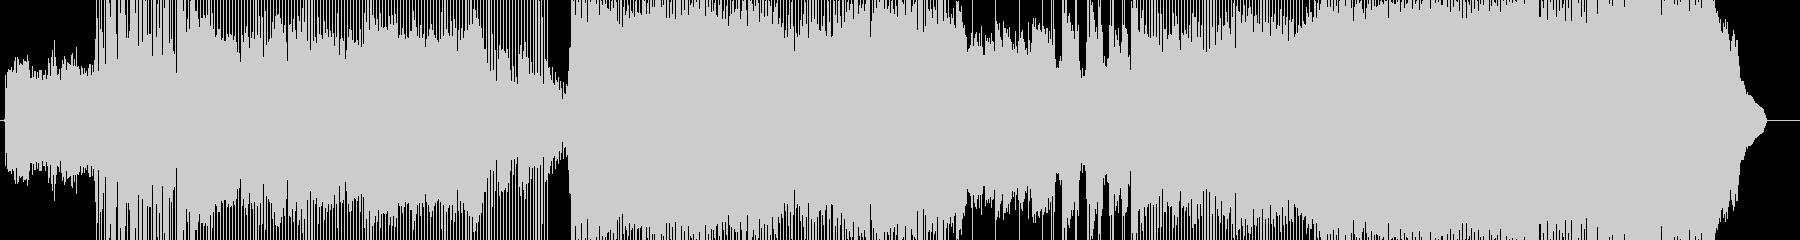 メロディアスなギターロックインストの未再生の波形